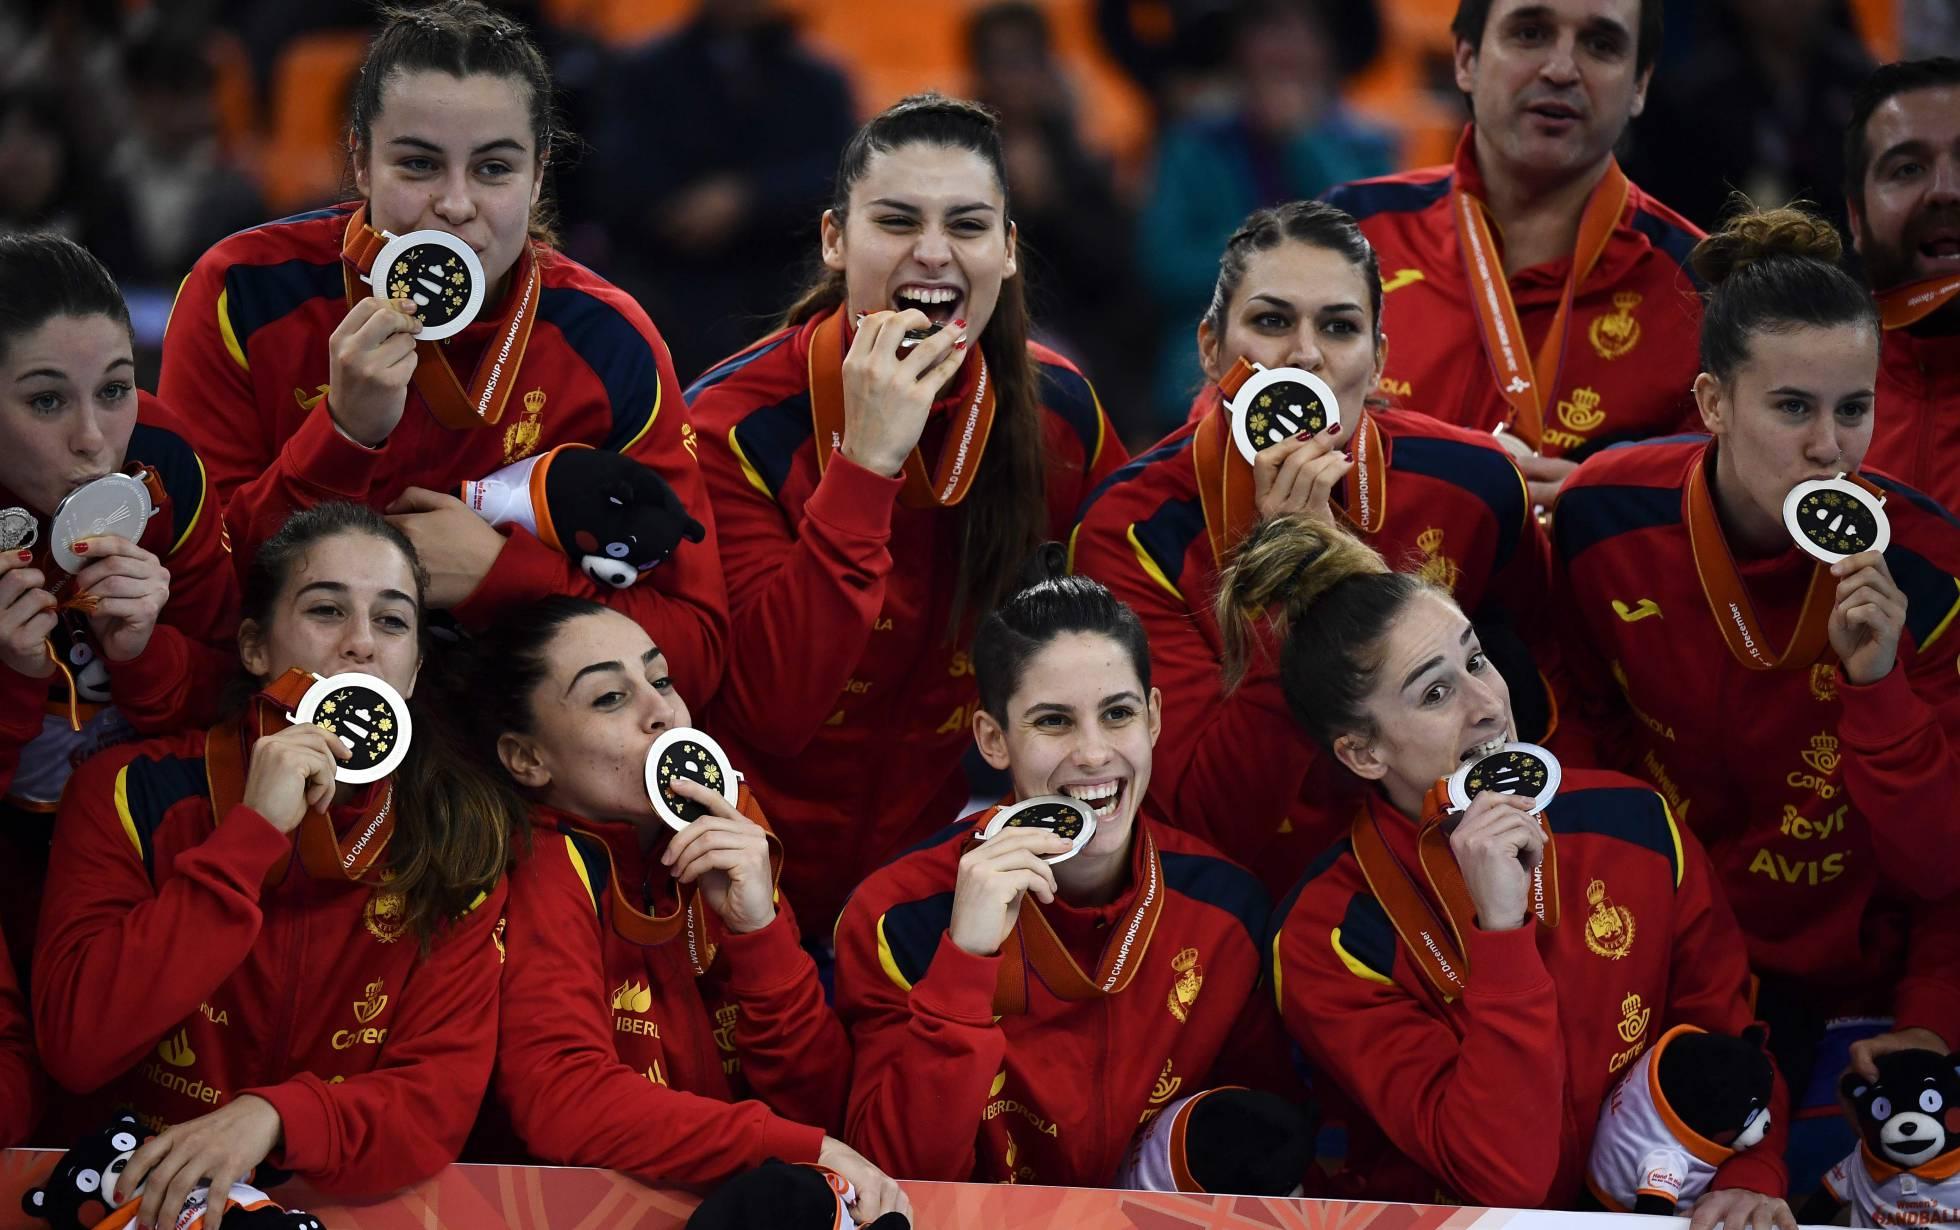 Fotos Mundial De Balonmano Femenino España Holanda En Imágenes Deportes El País